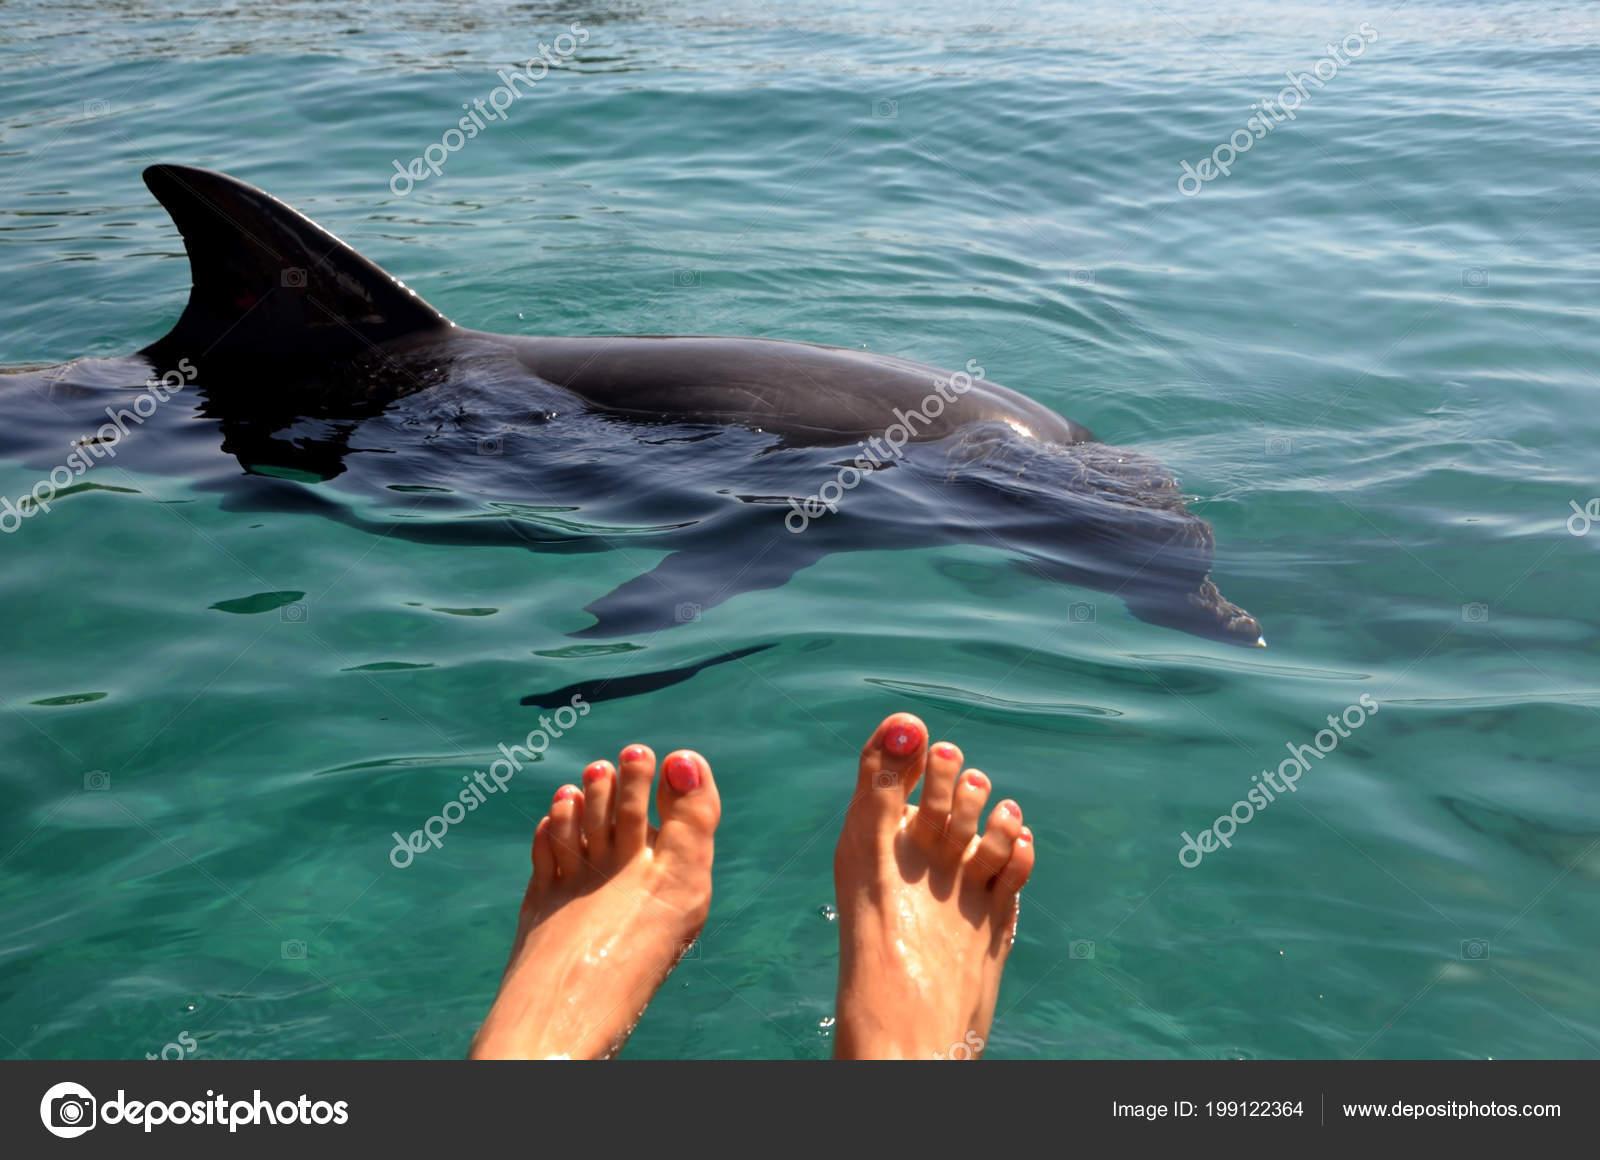 Фото вагина дельфина, Половые органы дельфинов: описание 20 фотография